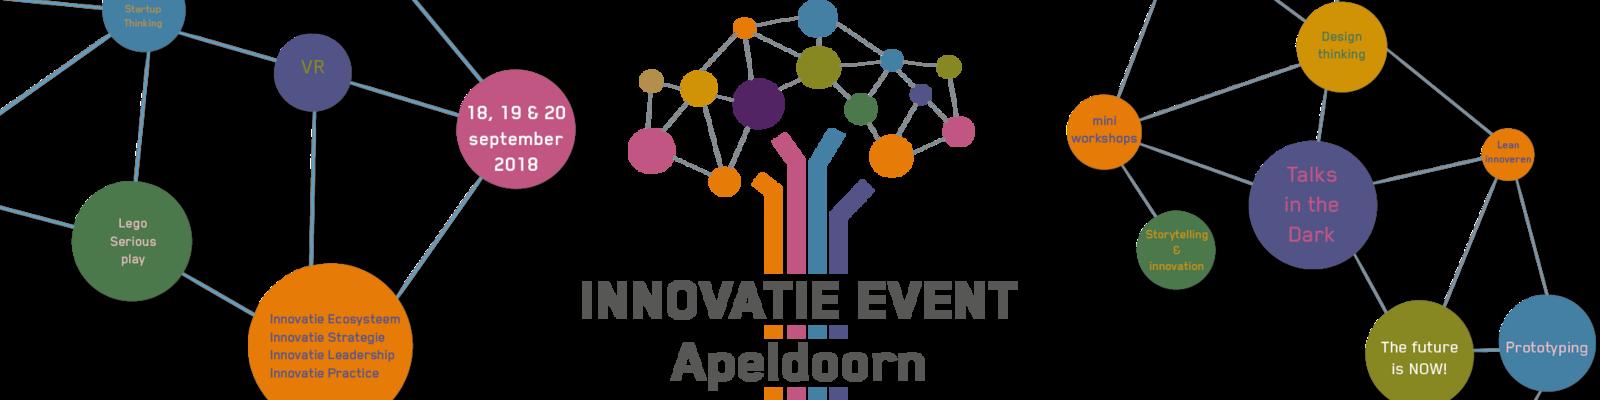 Innovatie Event Apeldoorn